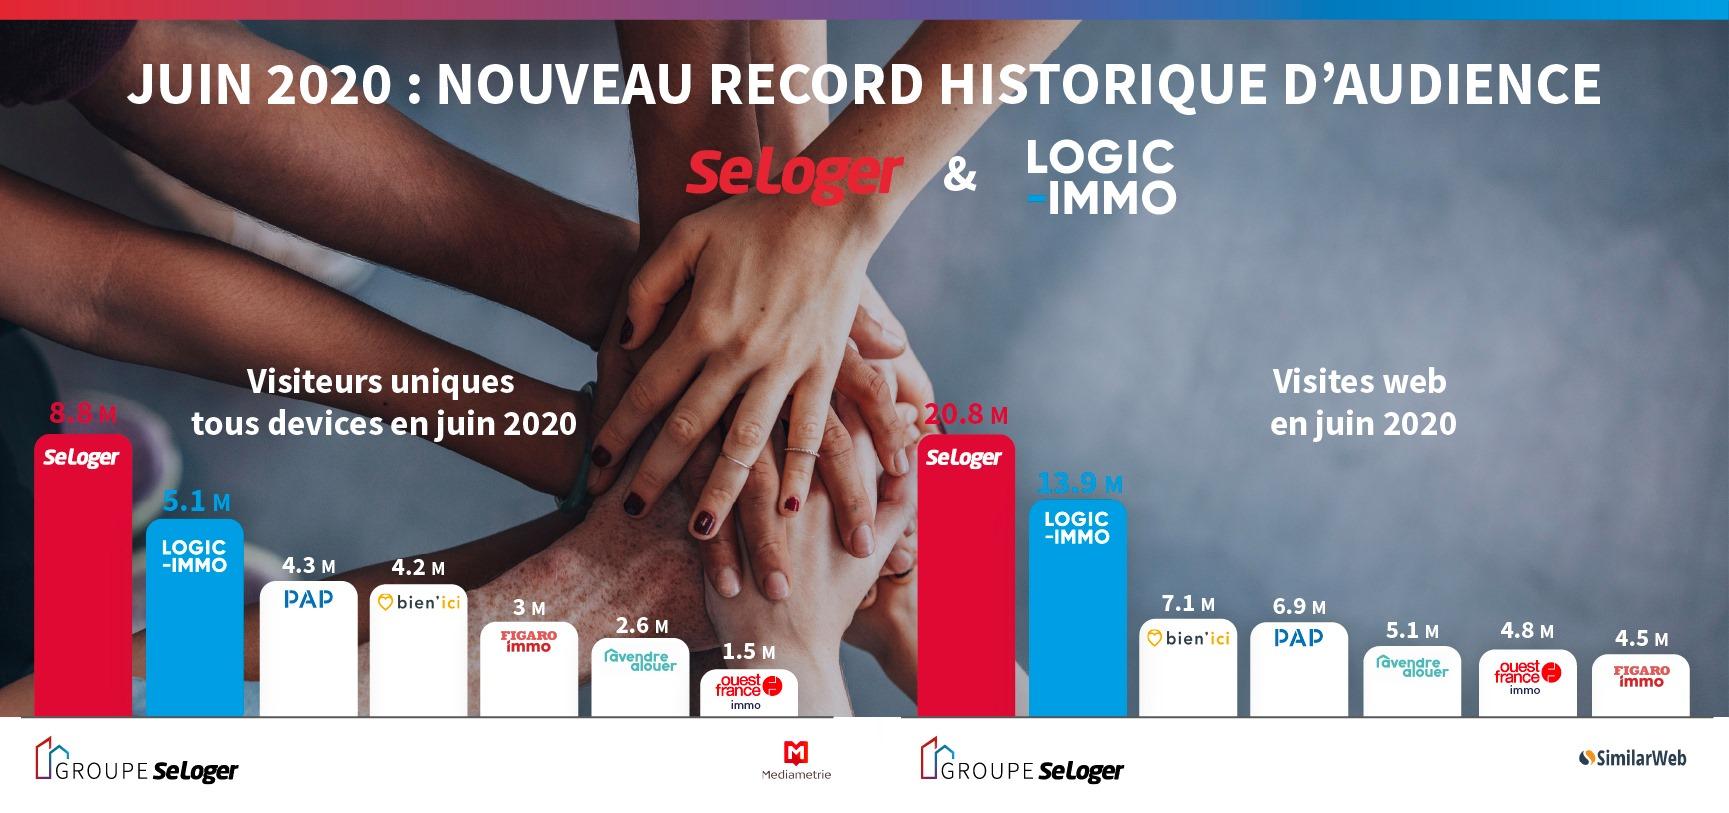 Nouveaux records historiques d'audience pour SeLoger et Logic-Immo